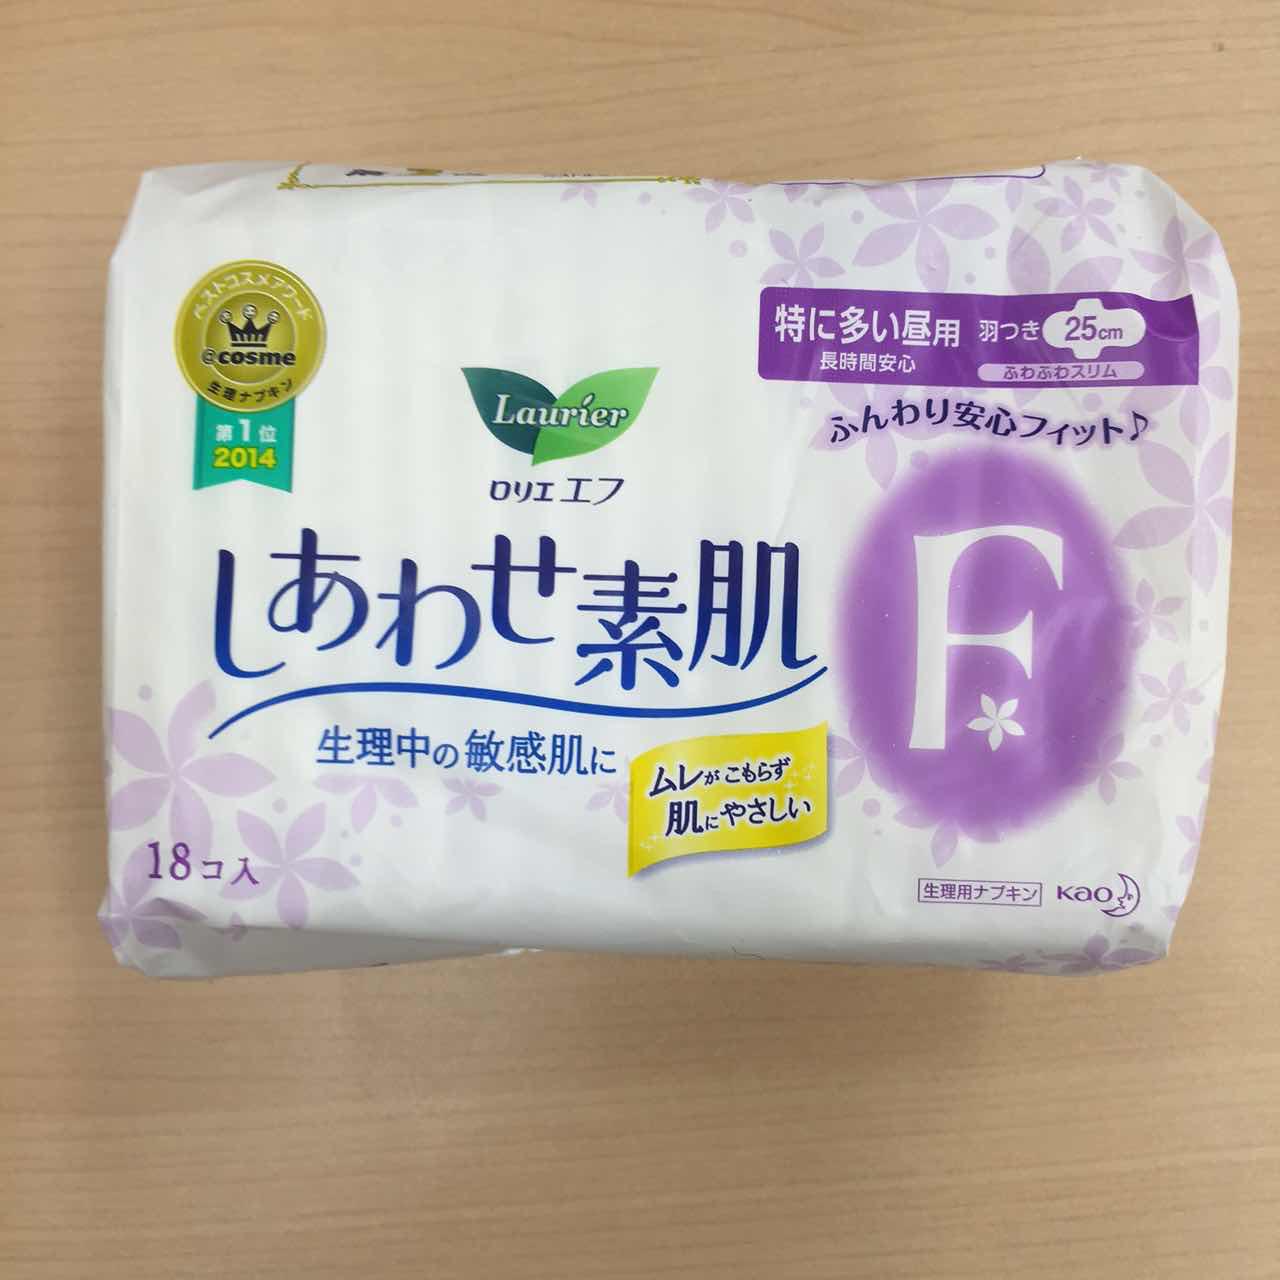 日本超薄f系列量多日用护翼卫生巾25cm 18片-0